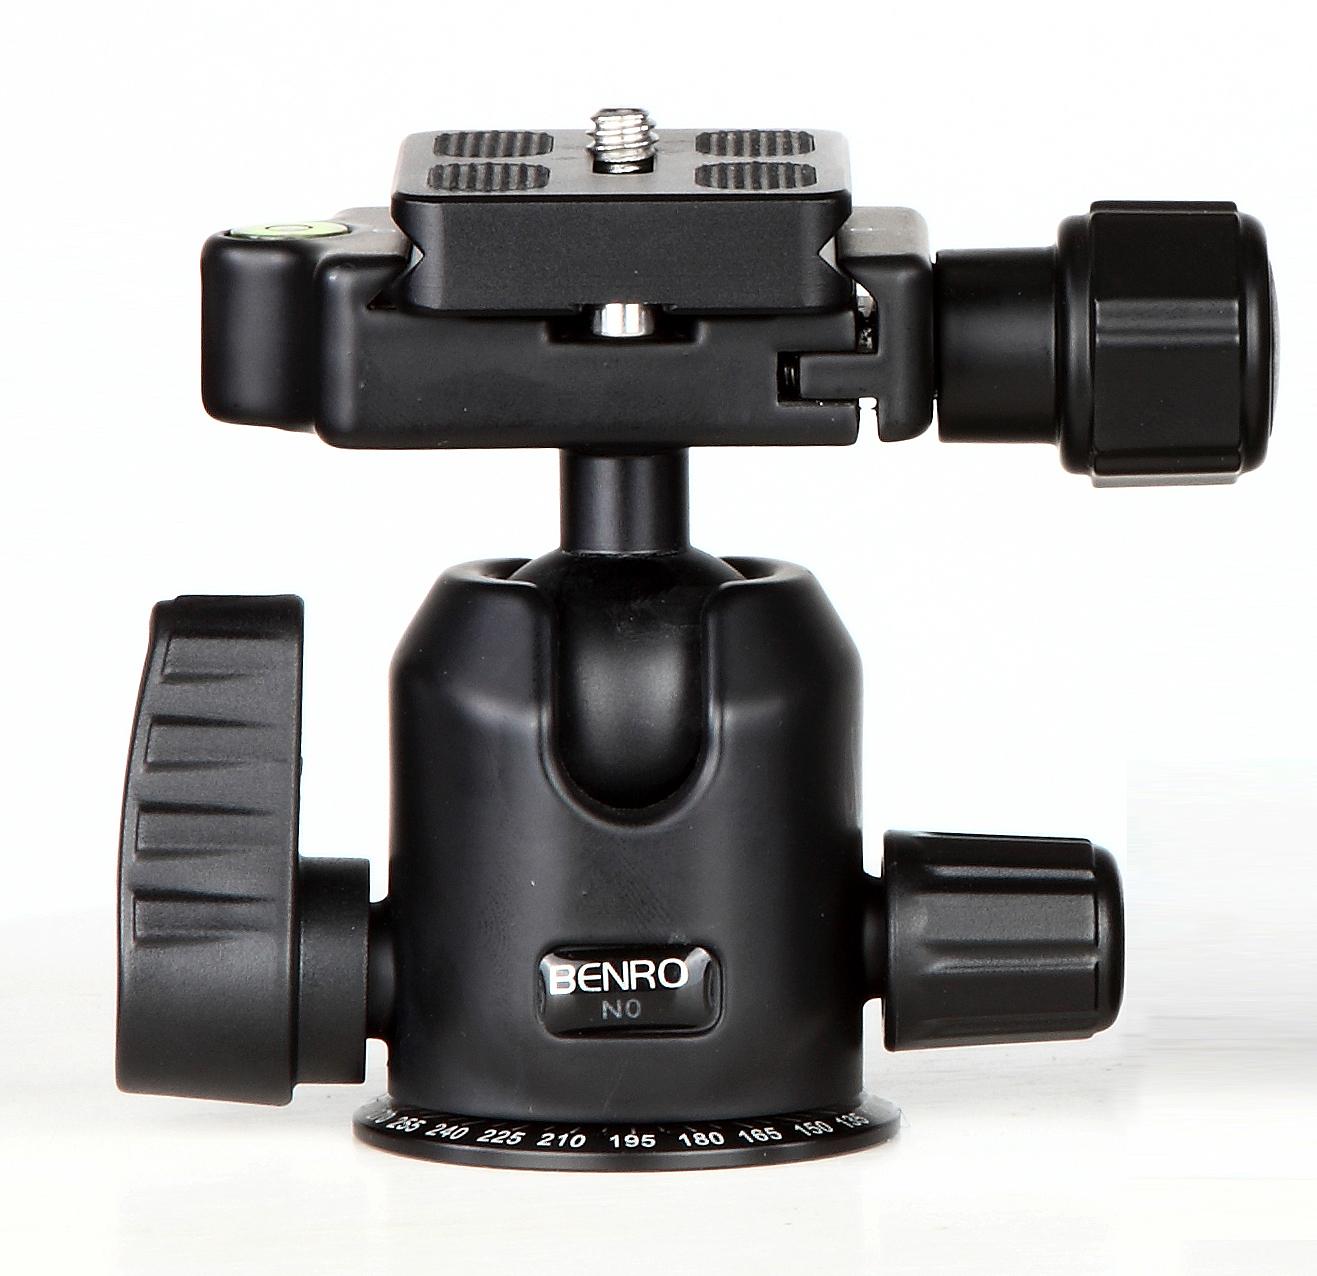 Chân máy ảnh Benro A350FN0